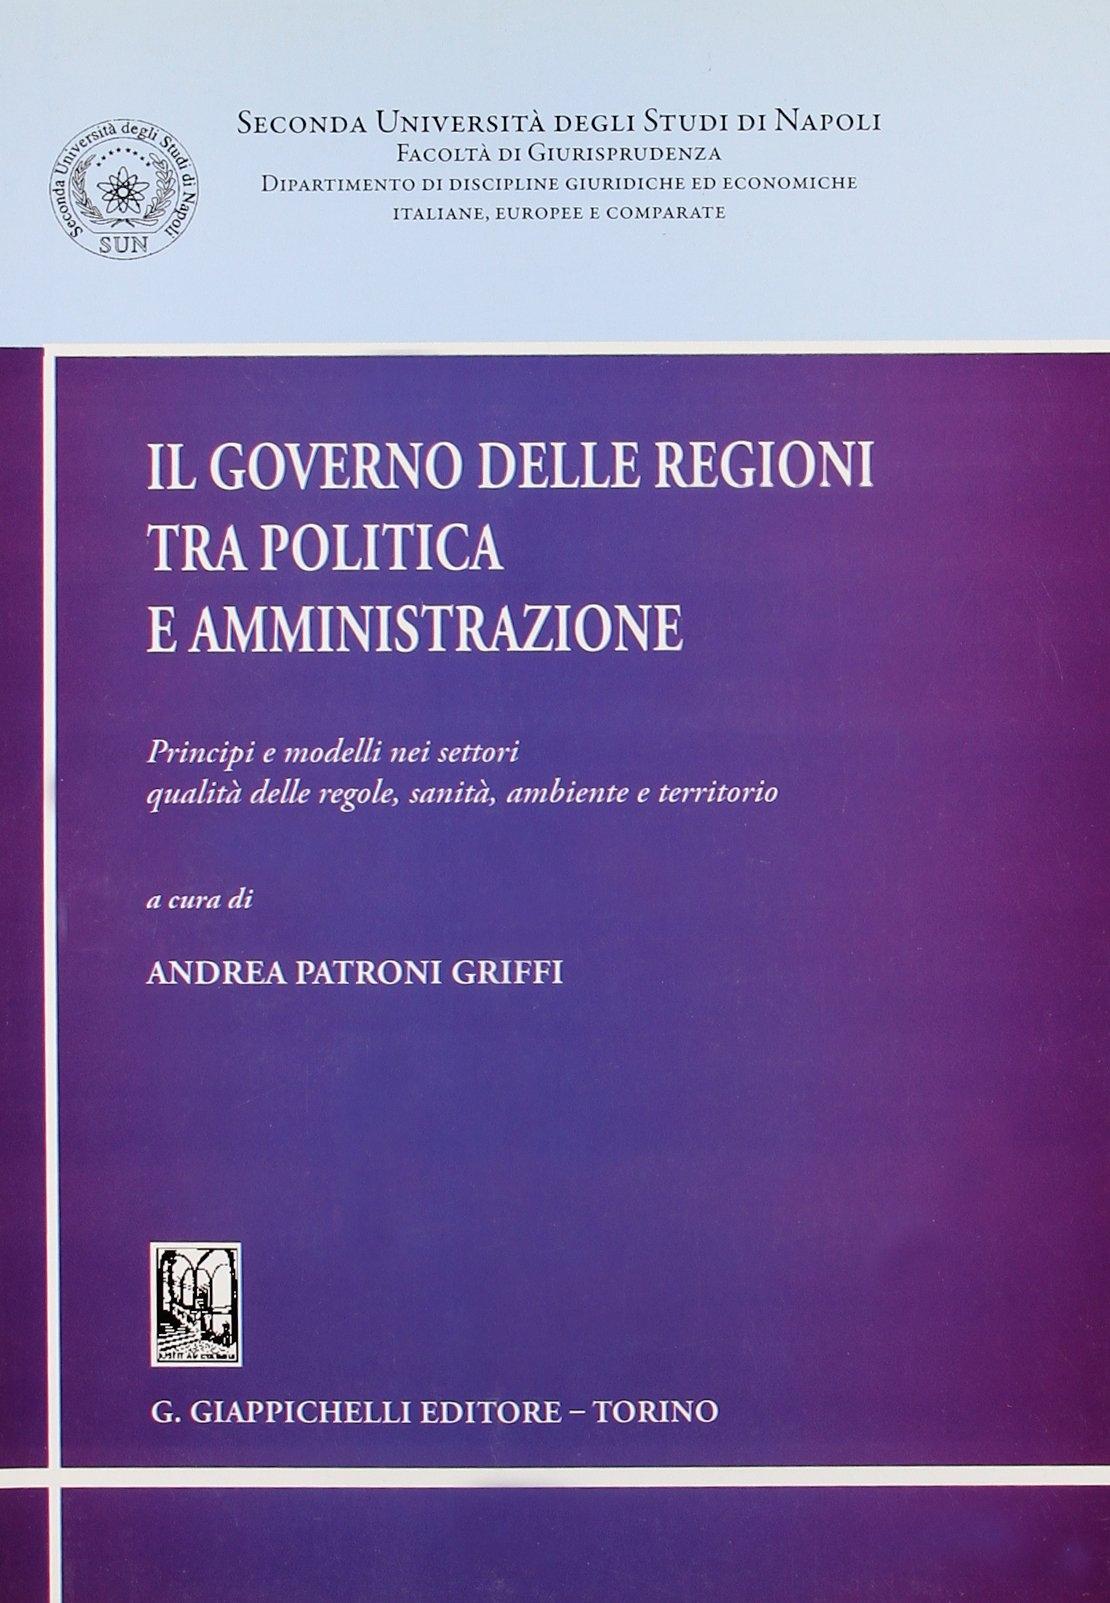 Il governo delle regioni tra politica e amministrazione. Principi e modelli nei settori qualità delle regole, sanità, ambiente e territorio